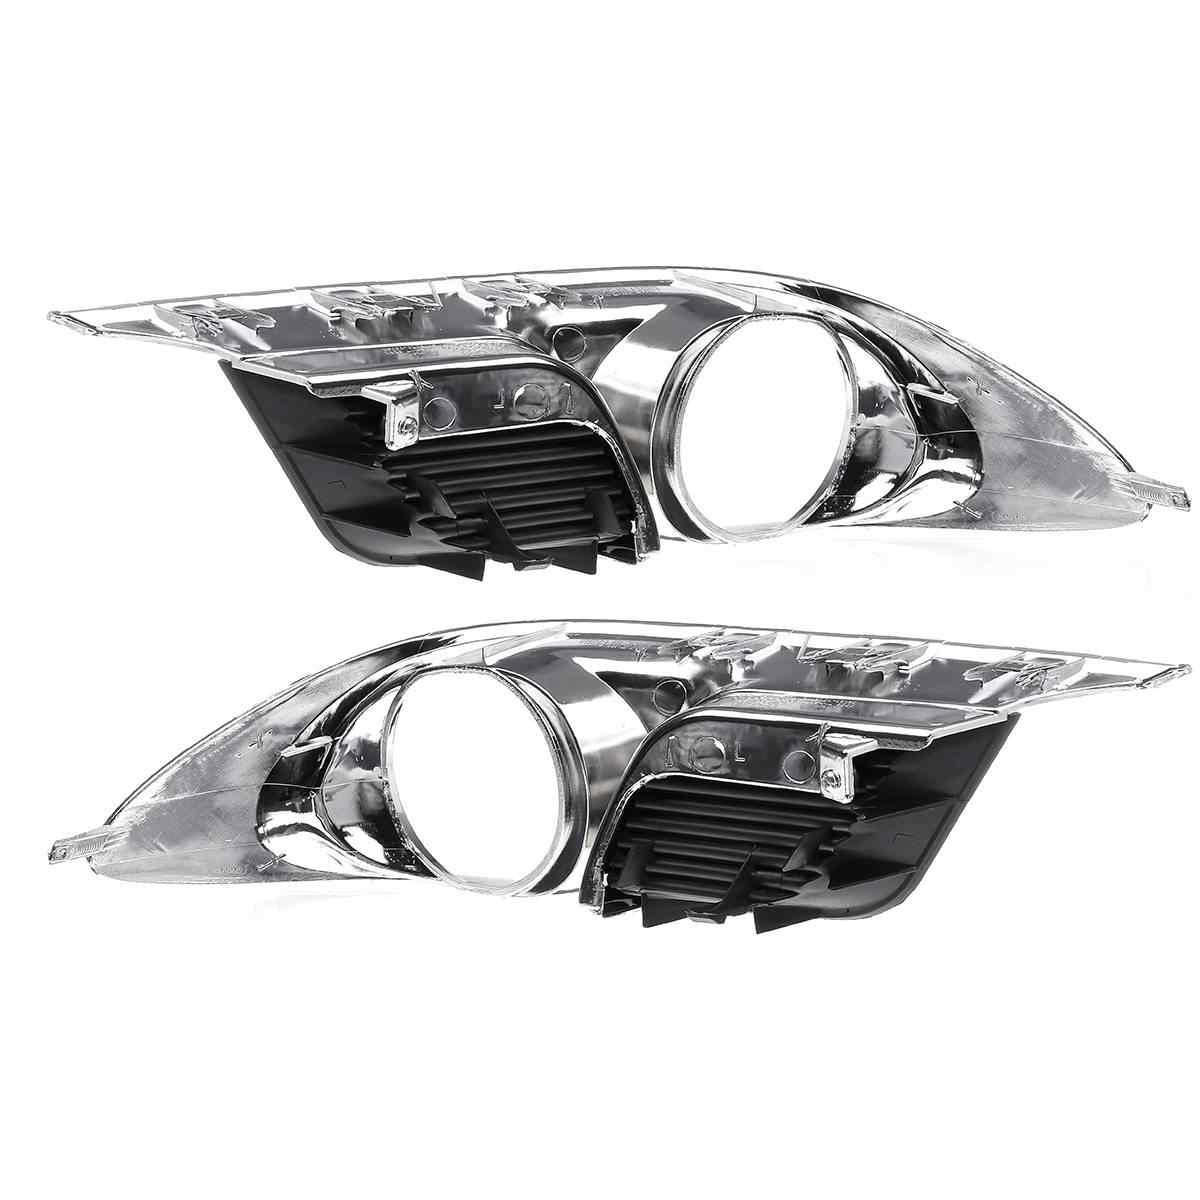 Pair Front Bumper Lower Fog Light Frame Cover For Toyota Avalon 2011-2012 Left & Right Car Auto Fog Light Protector chrome